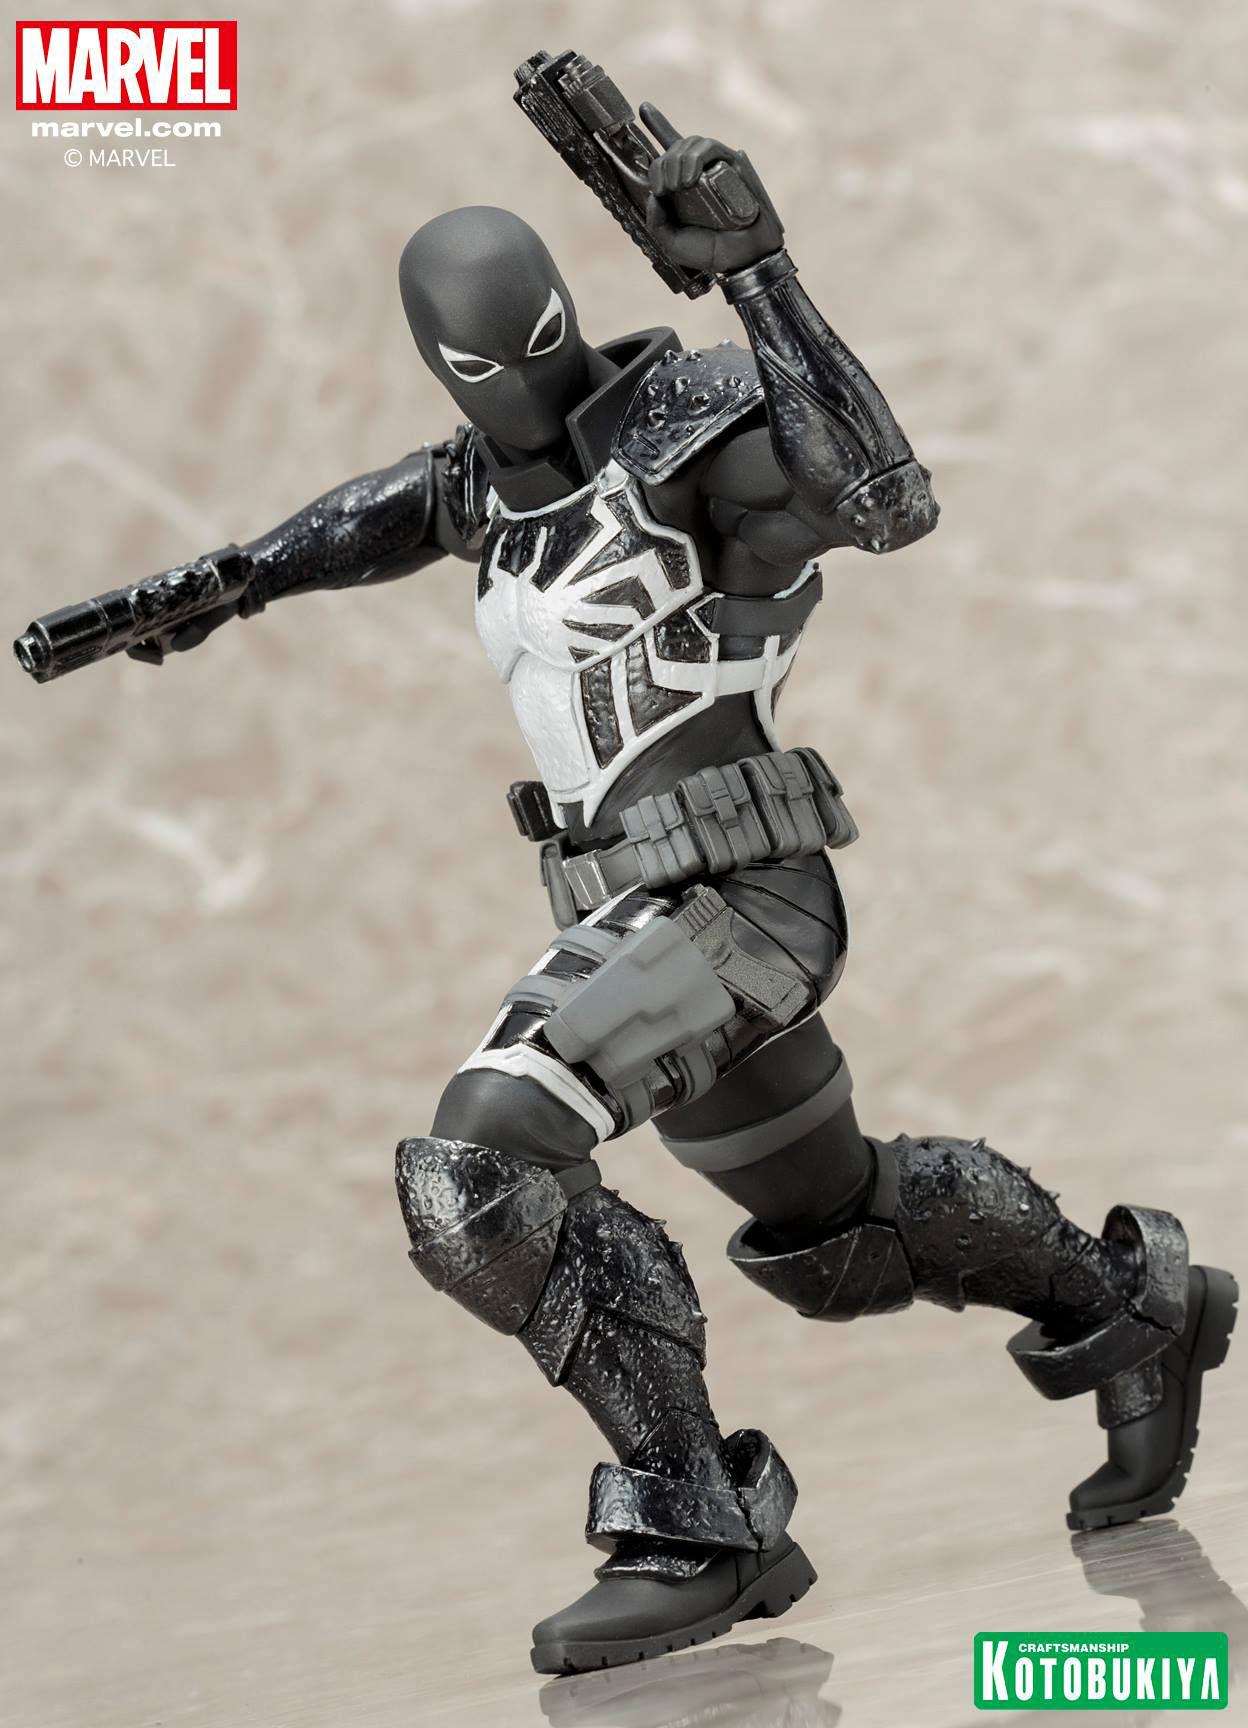 kotobukiya-marvel-agent-venom-statue-2